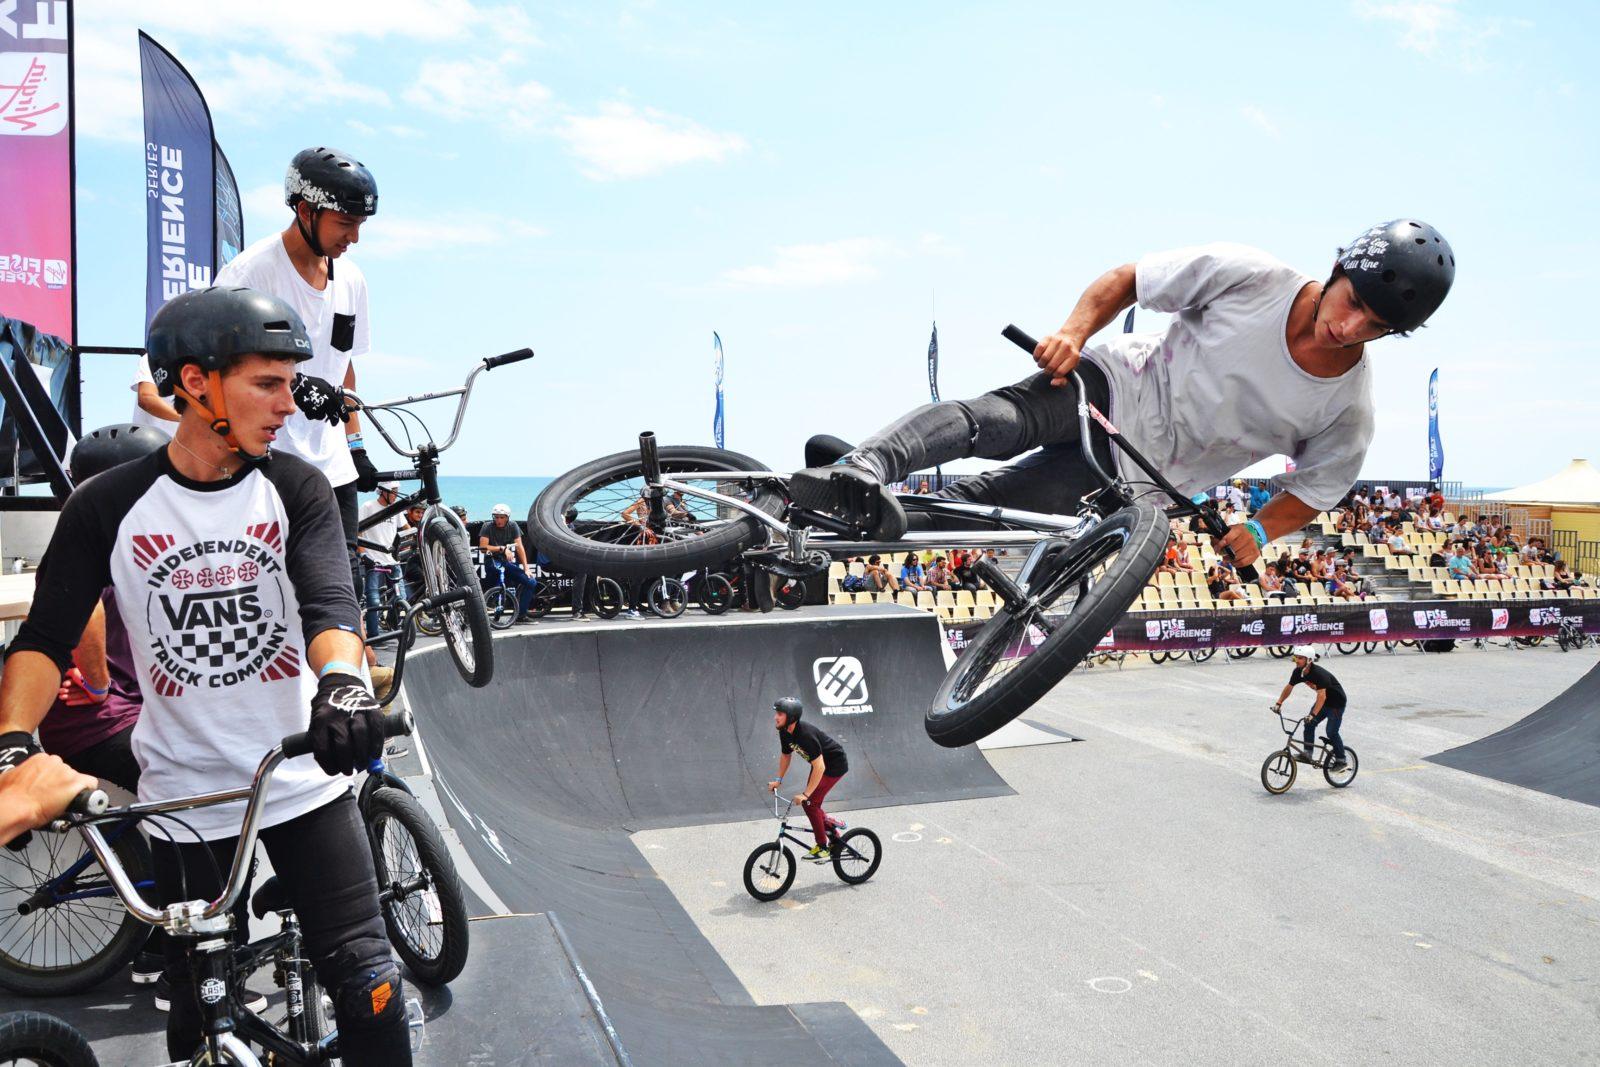 fise academy penche bmx - Bmx, surf, skate : la FISE Academy forme les nouveaux talents des sports de glisse